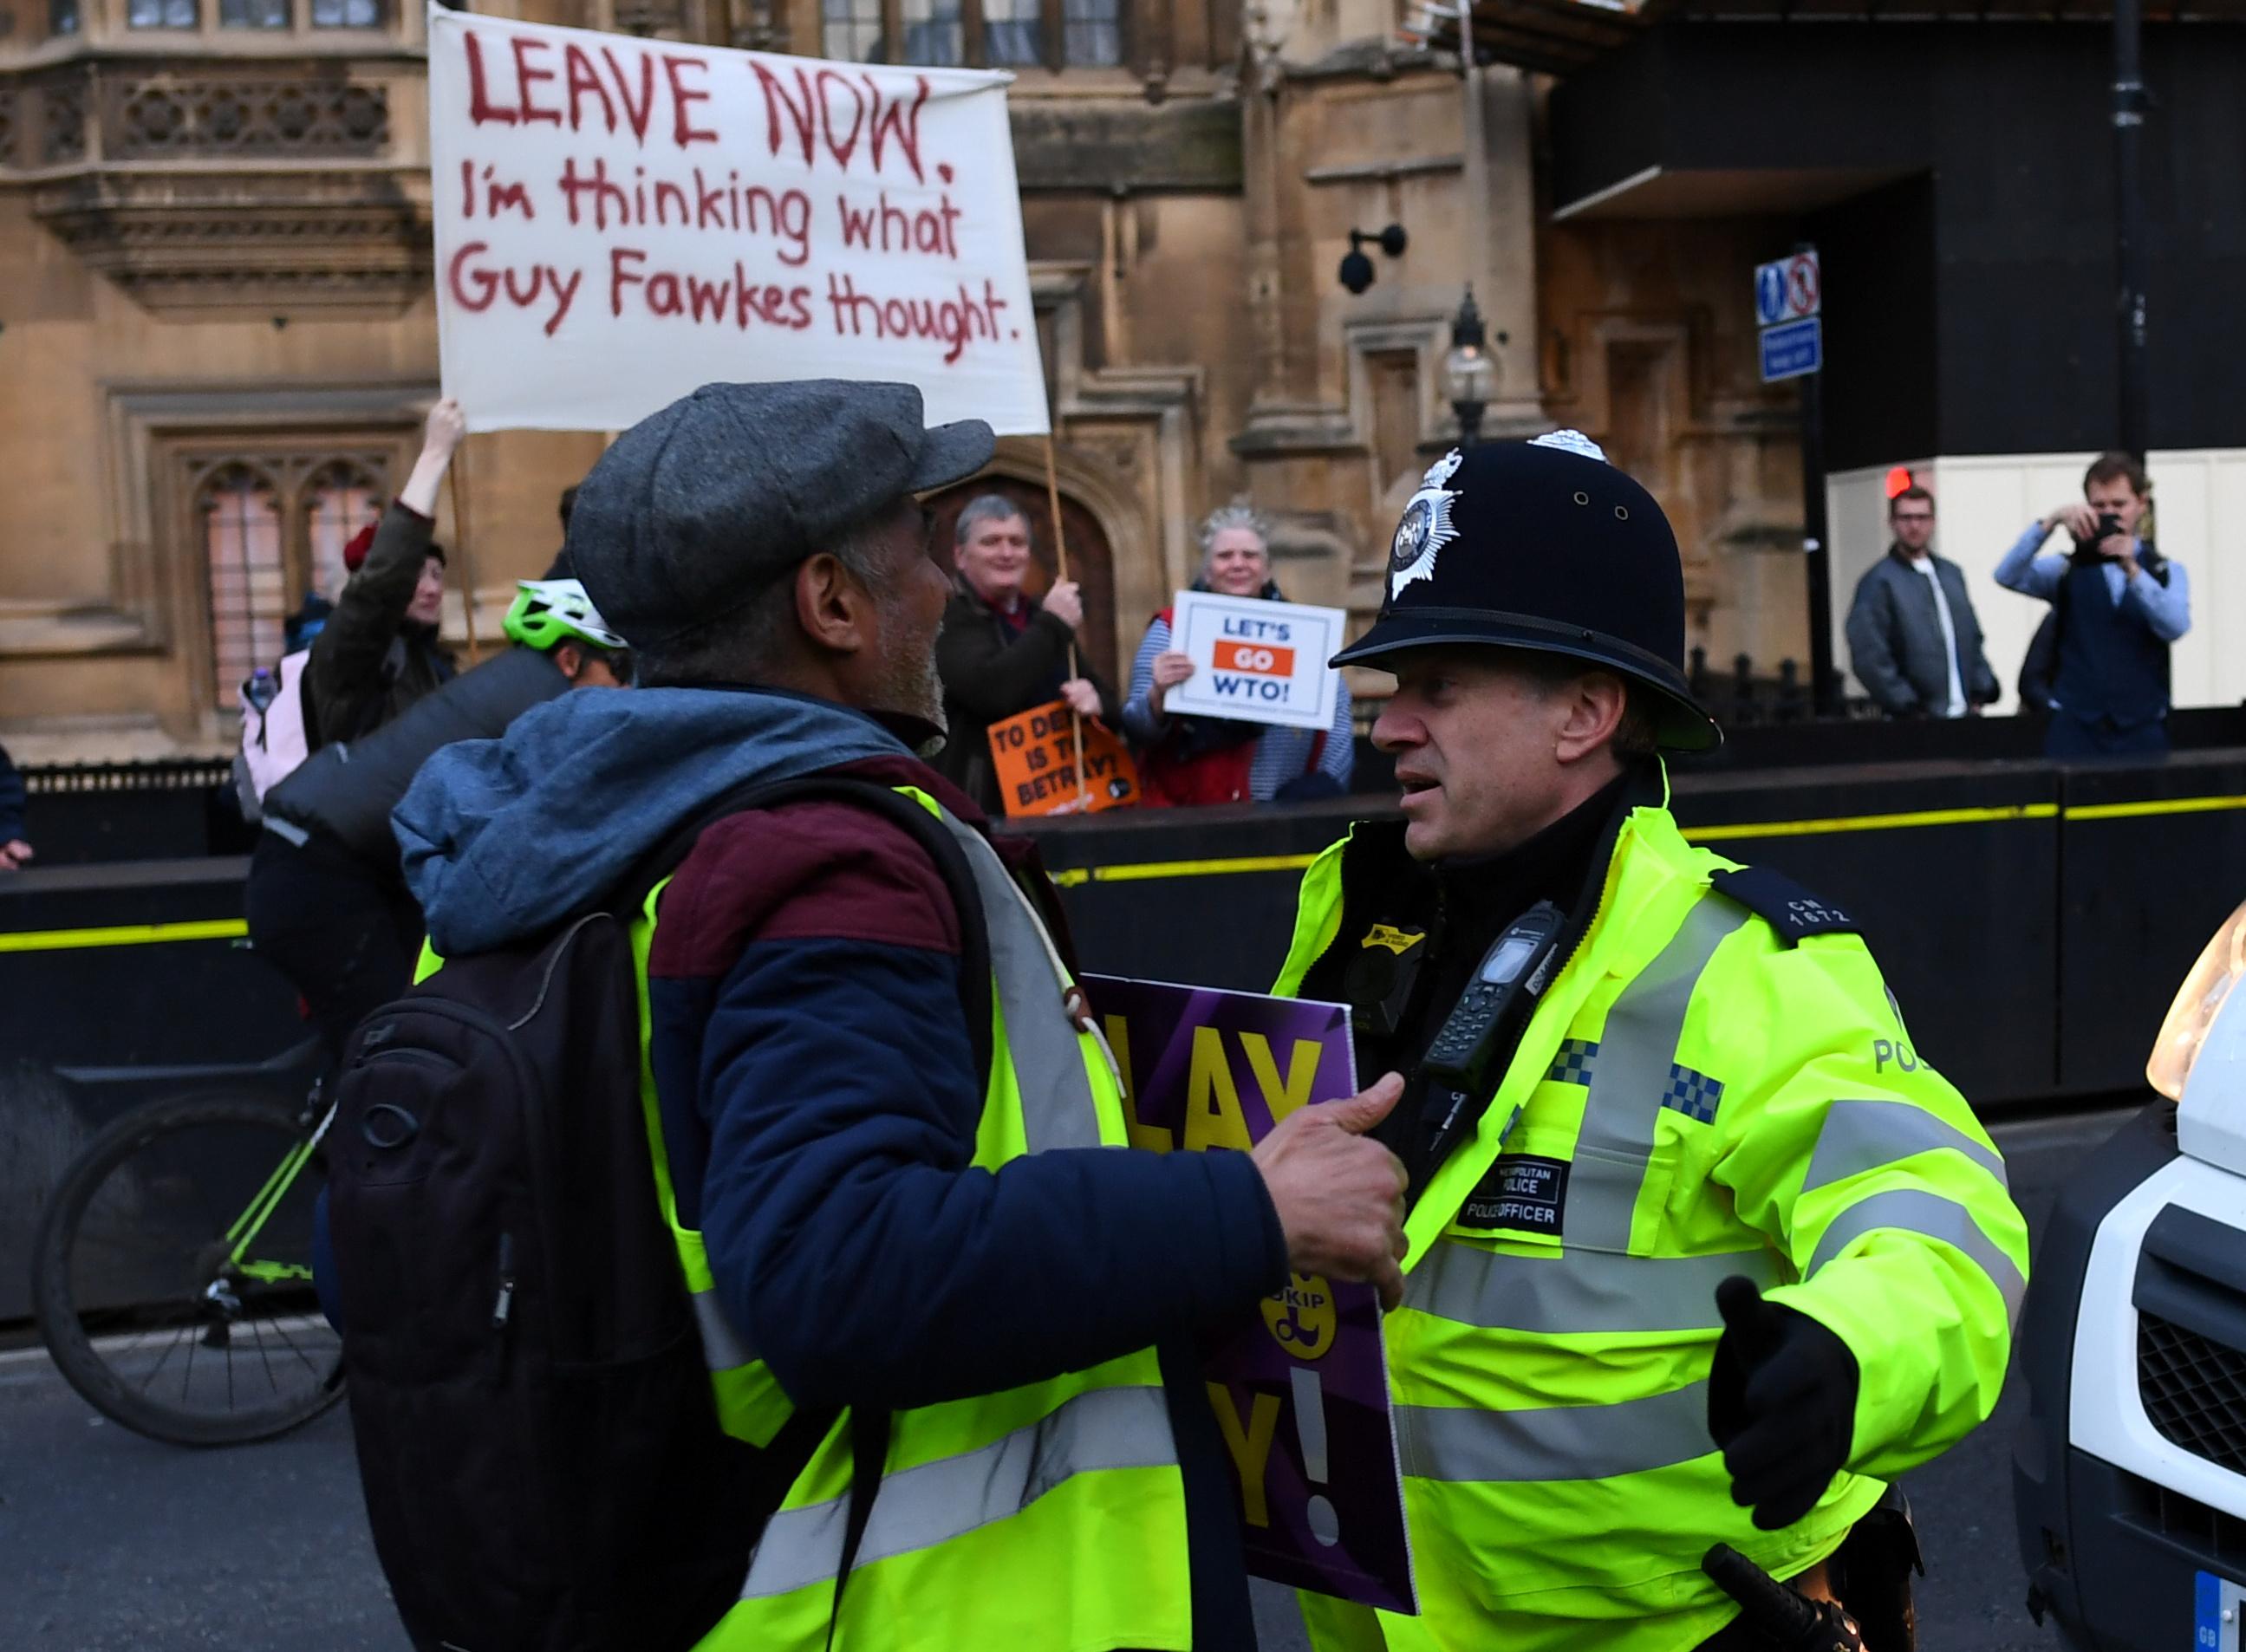 بريطانيون يطالبون بالخروج فورا من الاتحاد الأوروبى خارج البرلمان